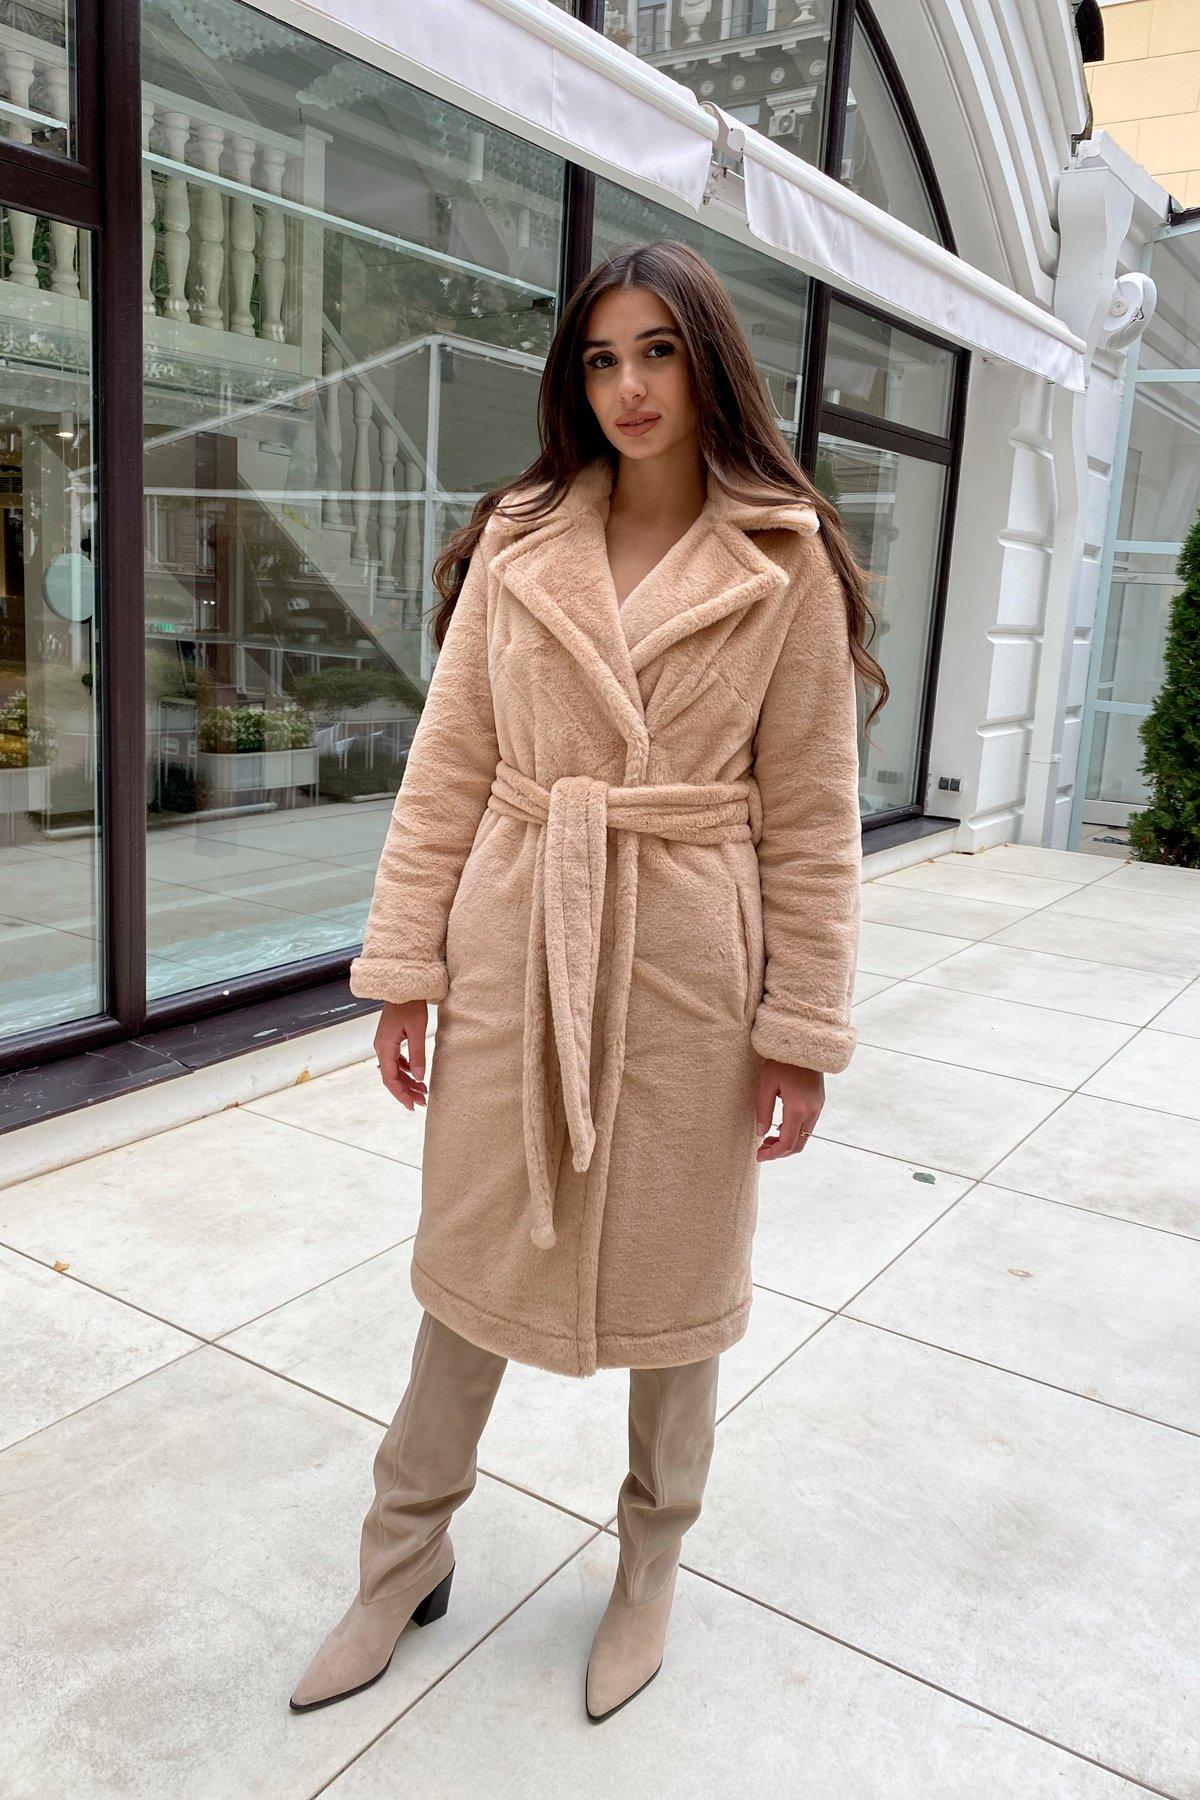 Зимнее пальто из искусственного меха норки Саманта 8641 АРТ. 44956 Цвет: Бежевый - фото 14, интернет магазин tm-modus.ru